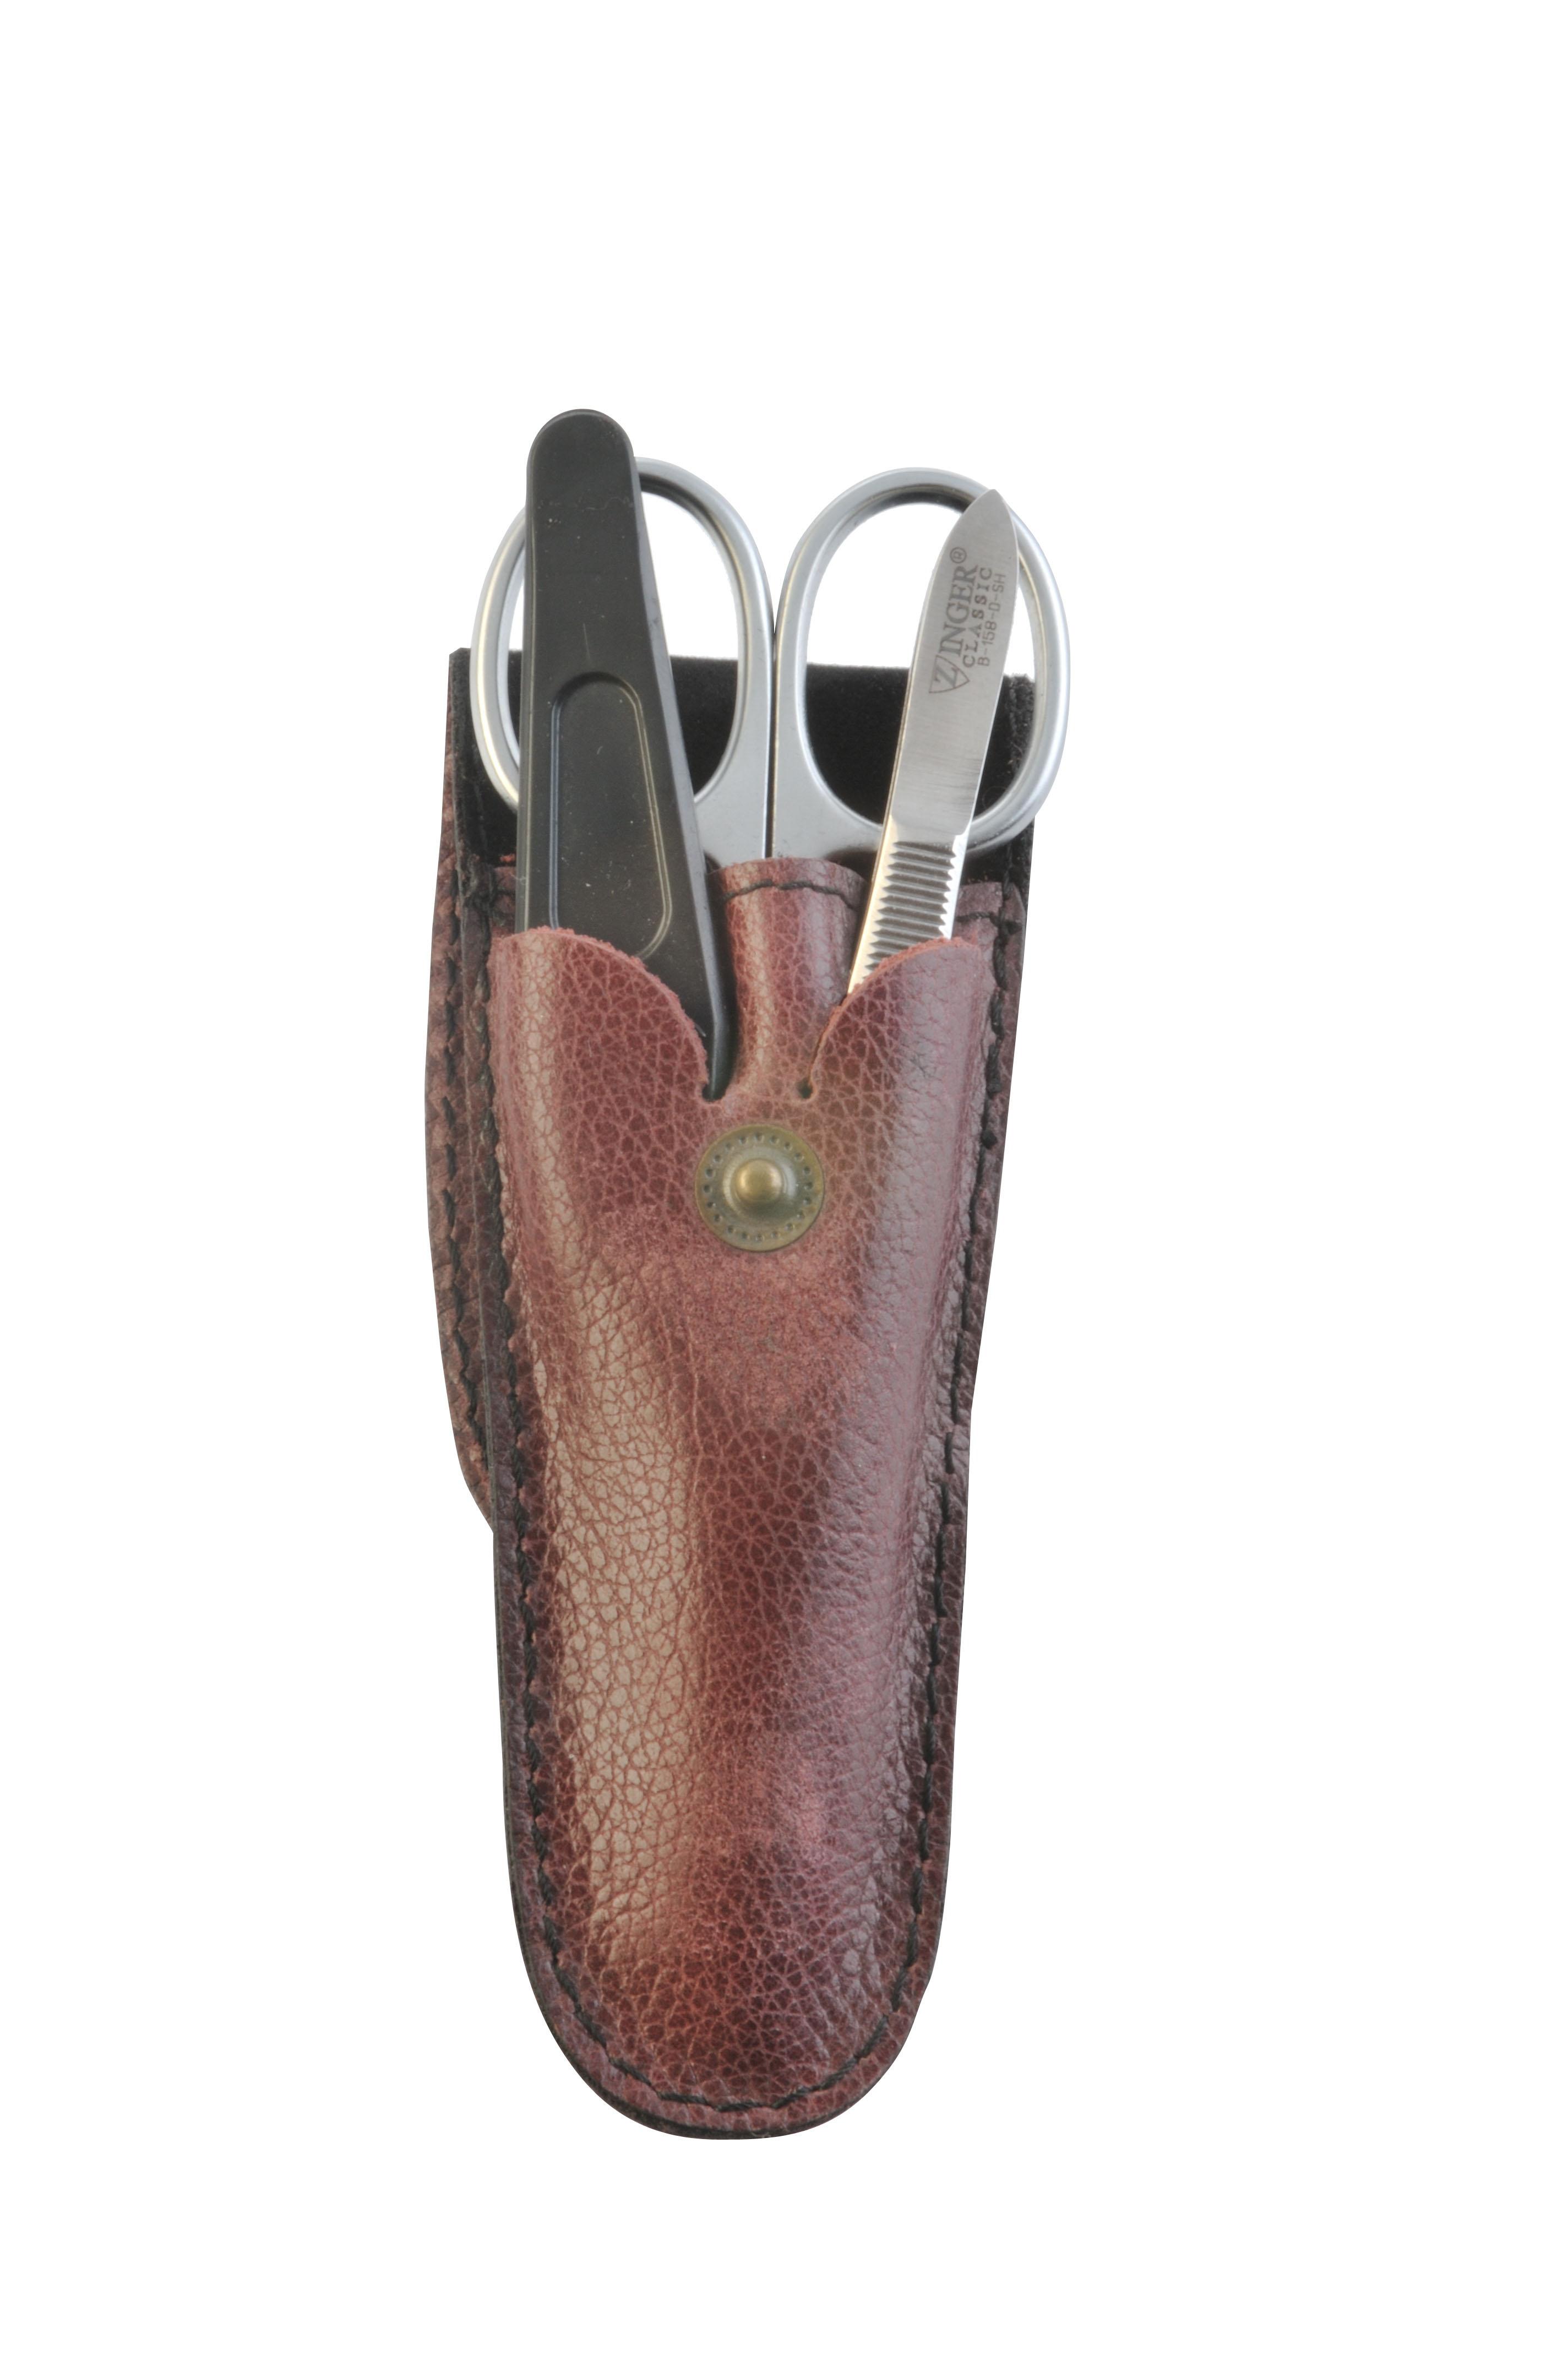 Zinger Маникюрный набор zMs Z-3 SM5685Ман. набор 3 предмета (ножницы кутикульные, пилка алмазная , пинцет). Чехол натуральная кожа. Цвет инструментов - матовое серебро. Оригинальня фирменная коробка